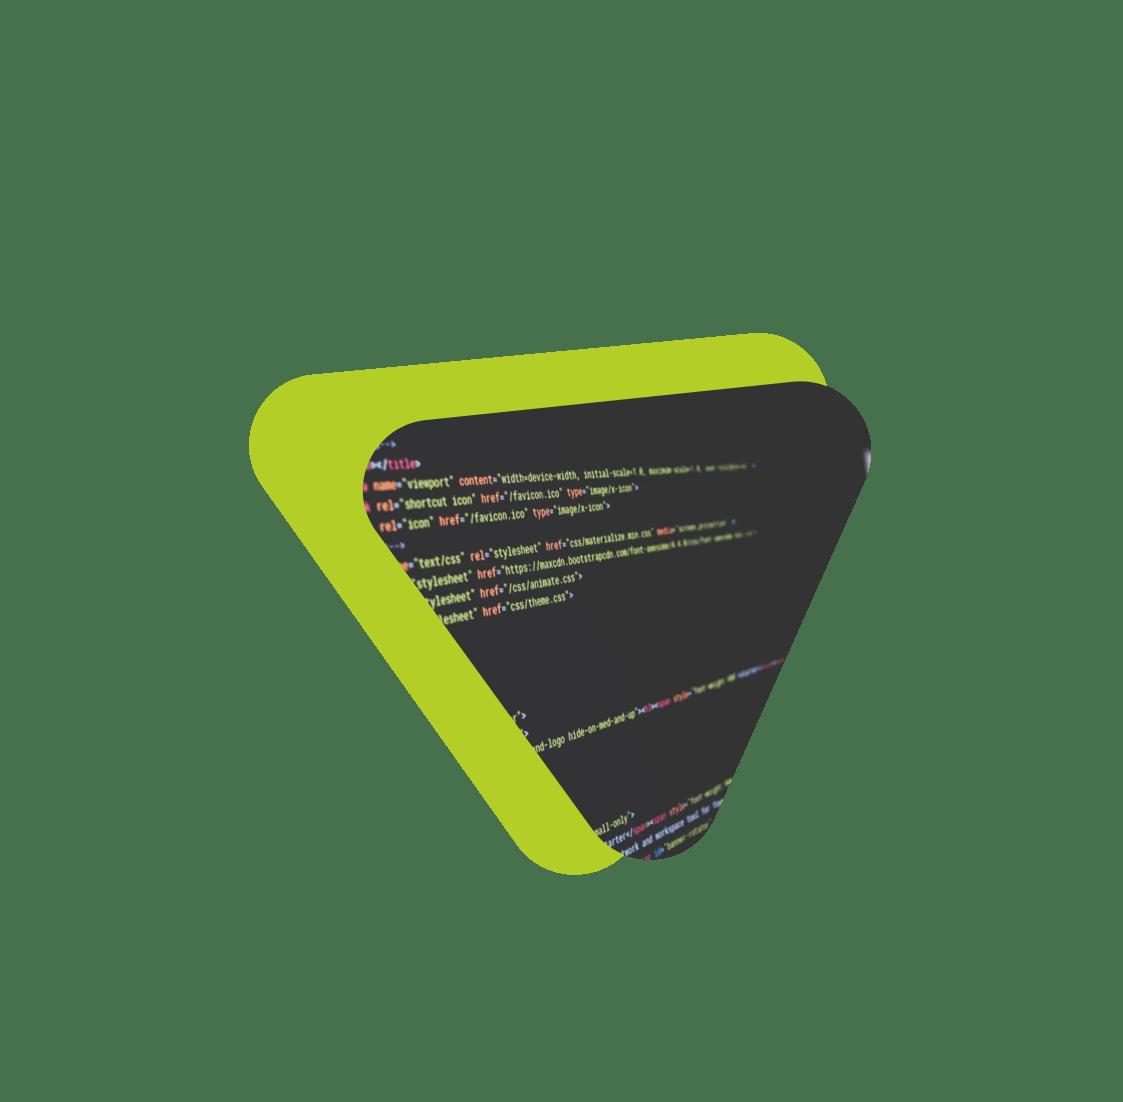 Triangulo con fotografía con códigos de programacion